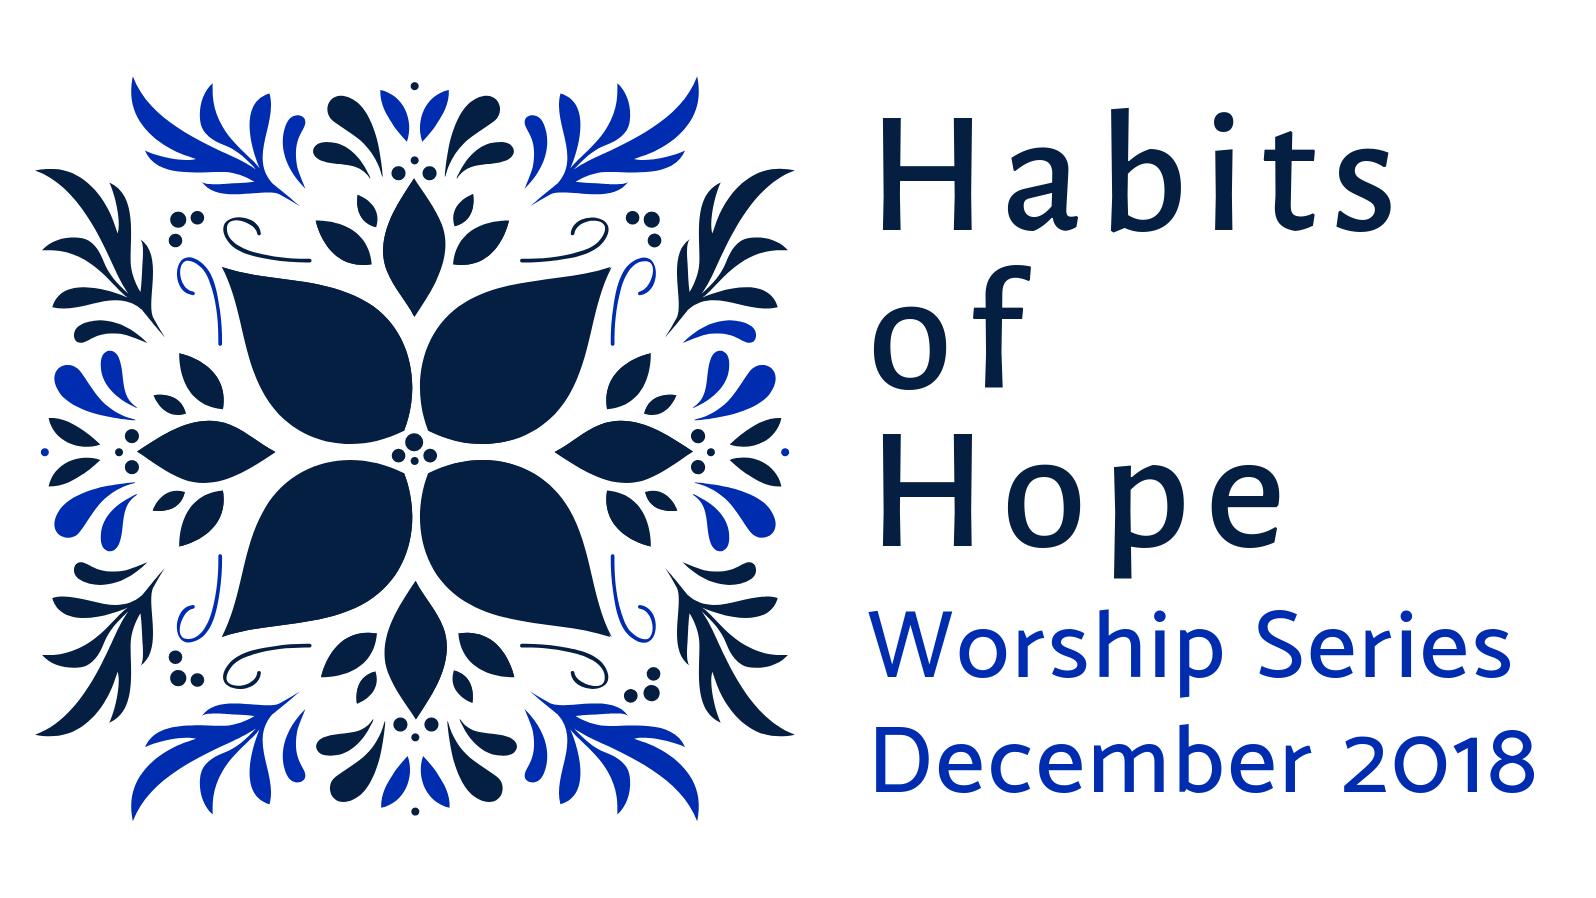 Habits of Hope